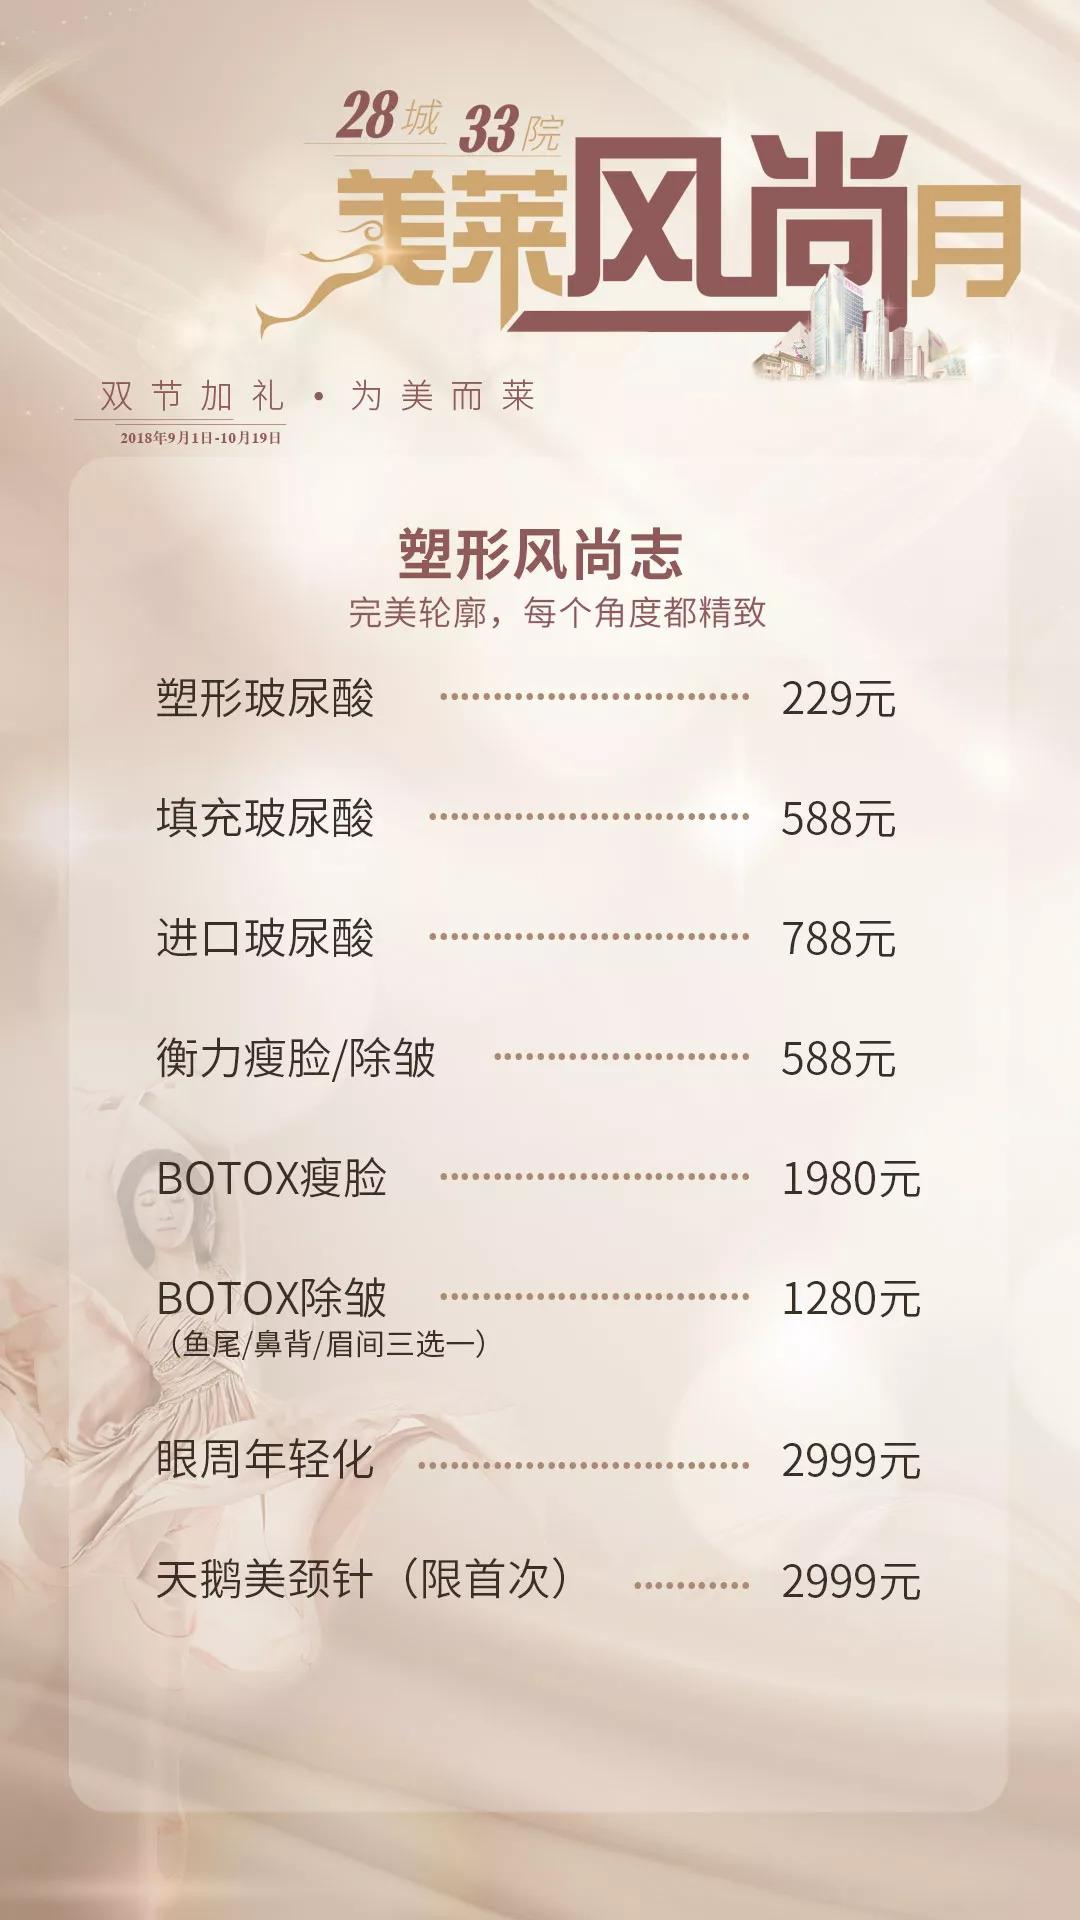 上海美莱玻尿酸抚平脸部皱纹,美出颜值新高度!